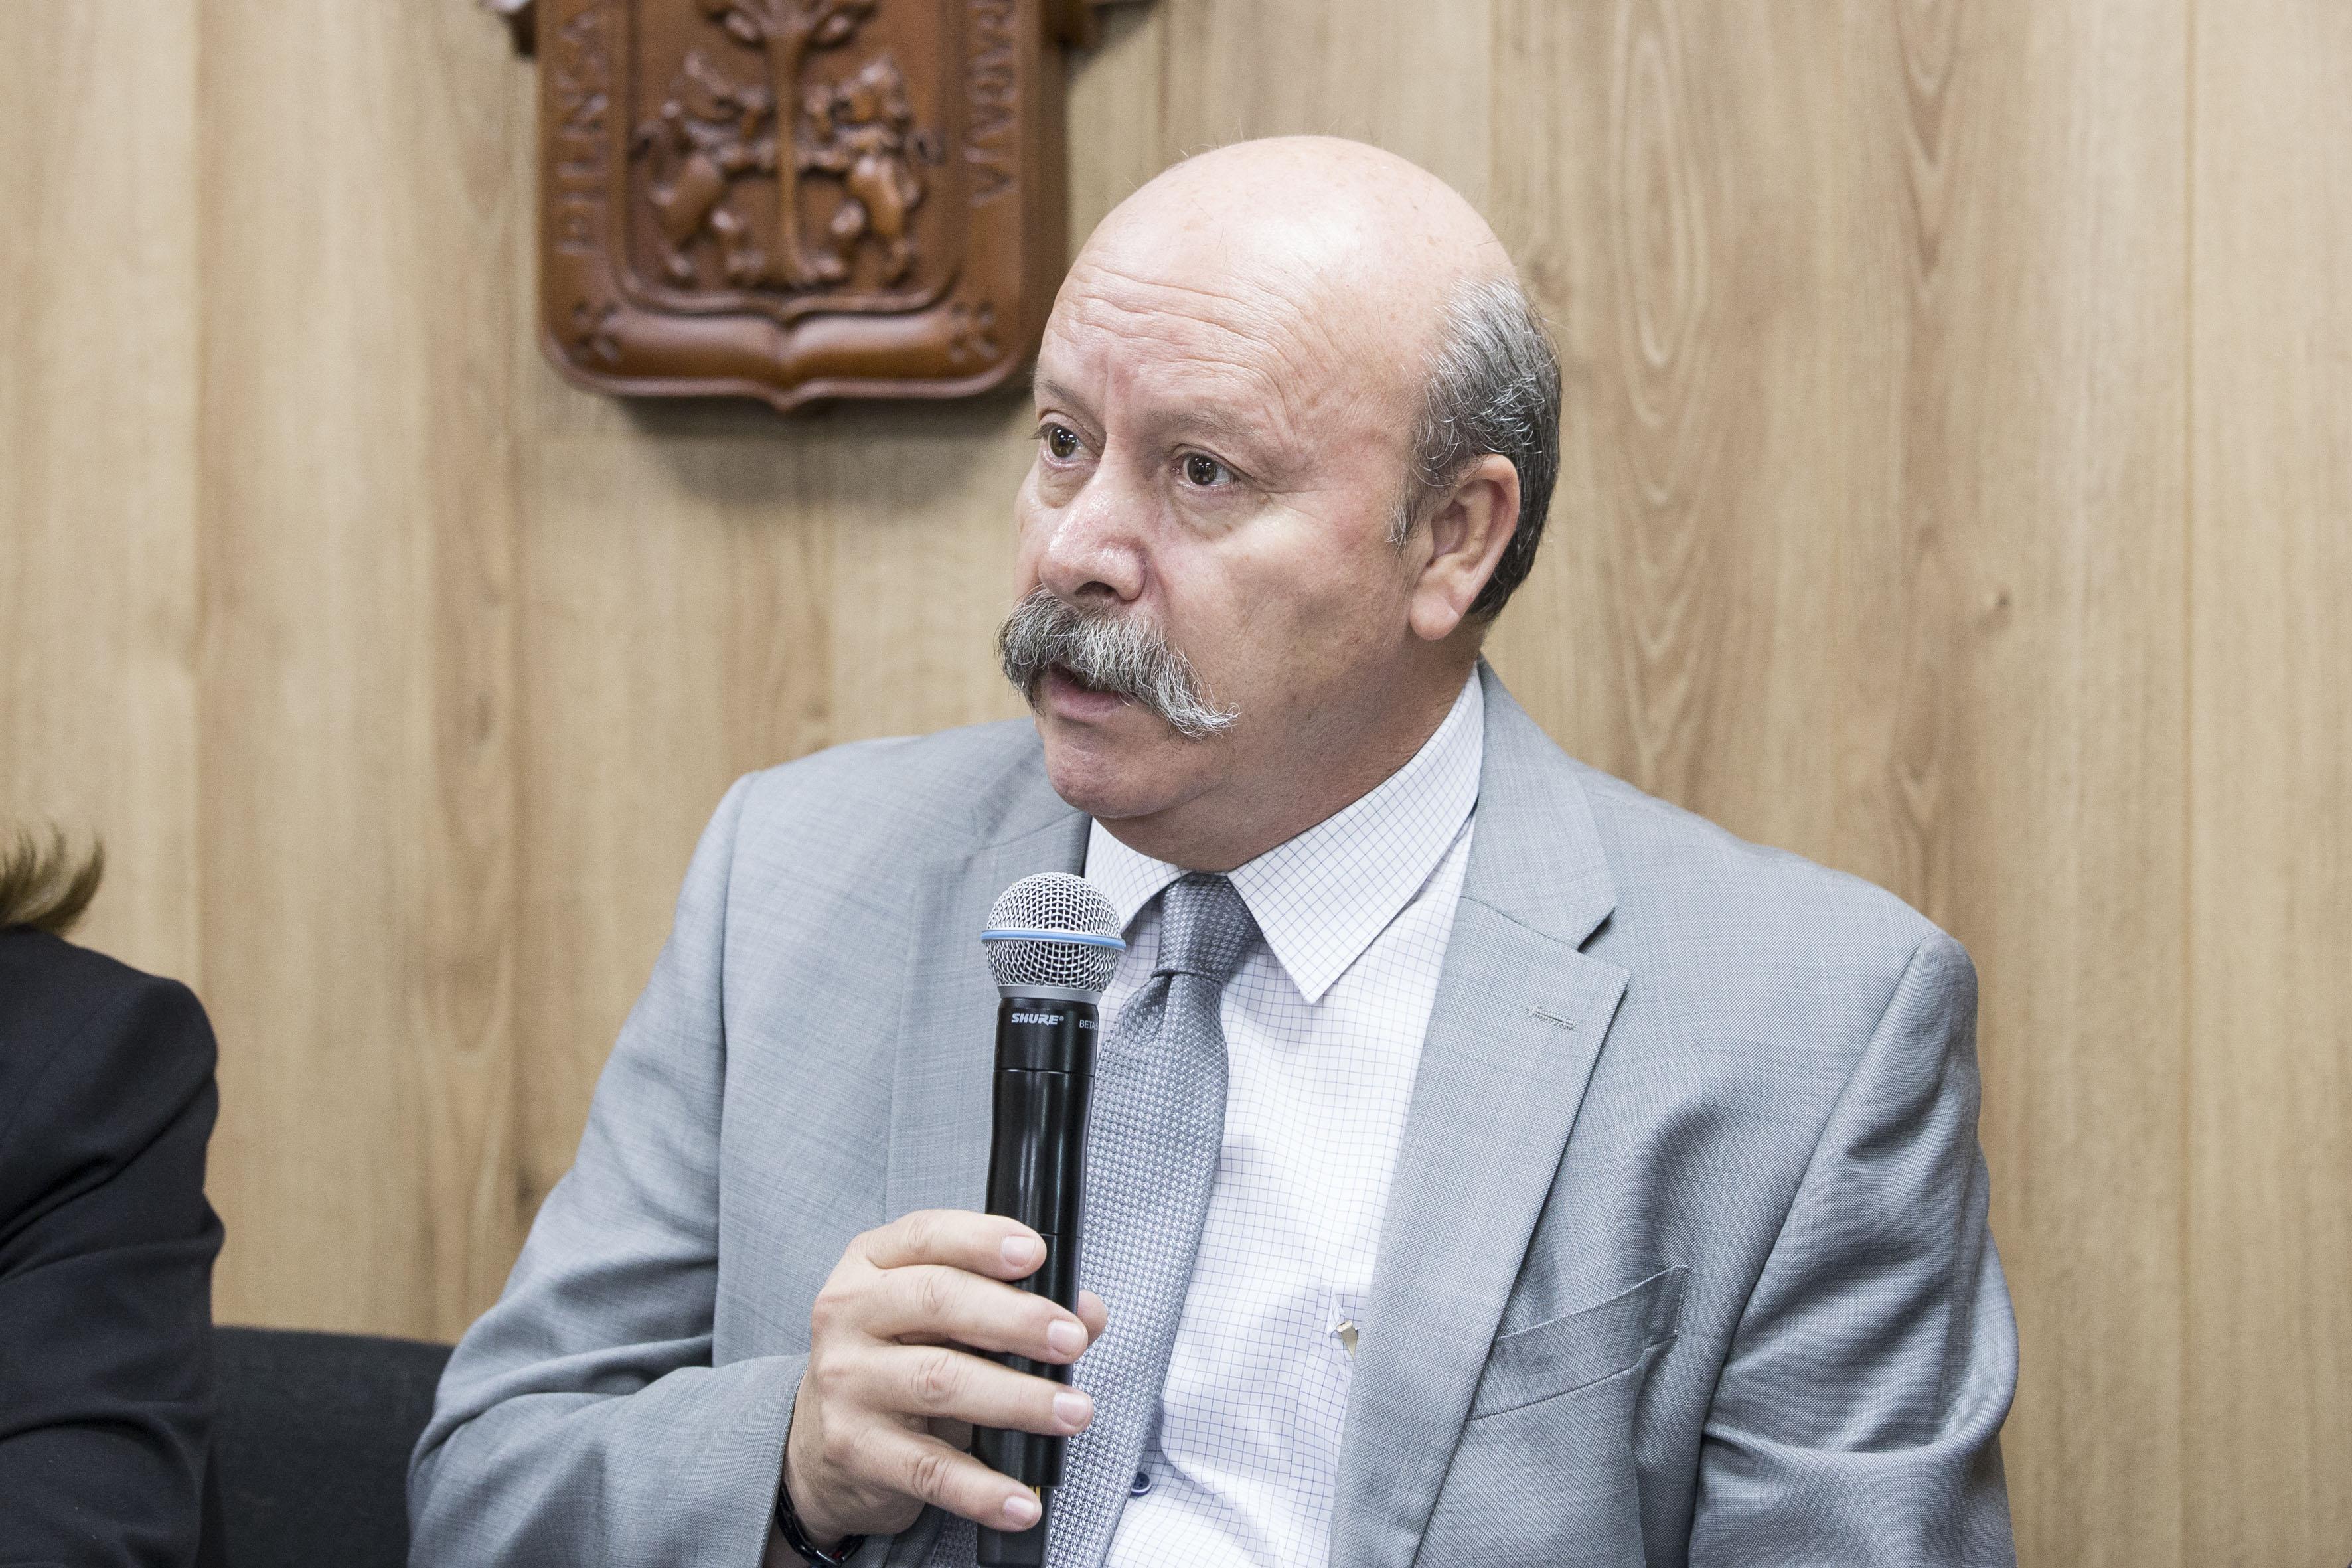 Mtro. Javier Espinoza de los Monteros Cárdenas, director del Sistema de Educación Media Superior (SEMS), de la Universidad de Guadalajara